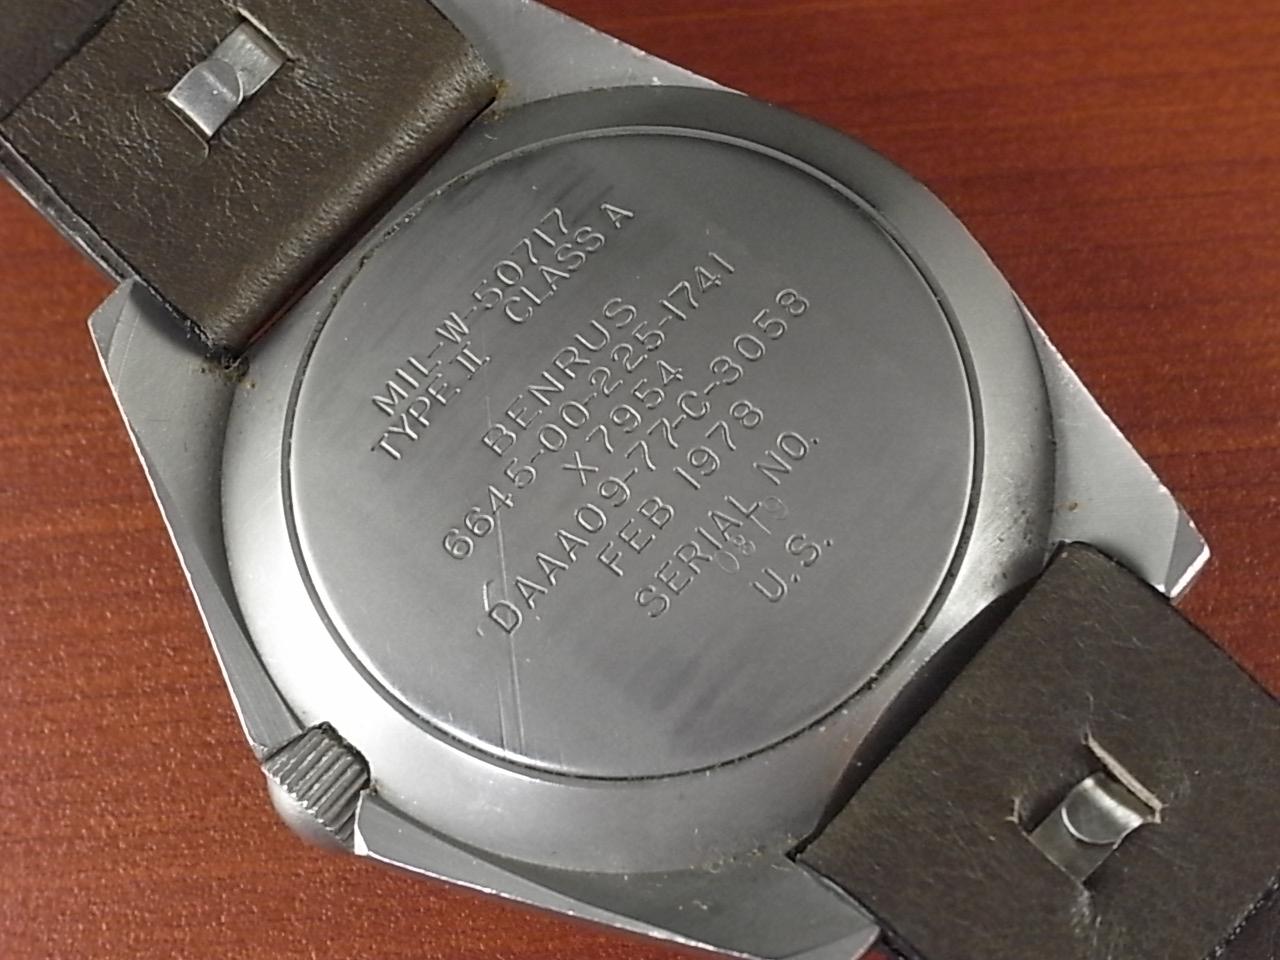 ベンラス ミリタリー タイプⅡクラスA 米軍特殊部隊 1978年製の写真4枚目